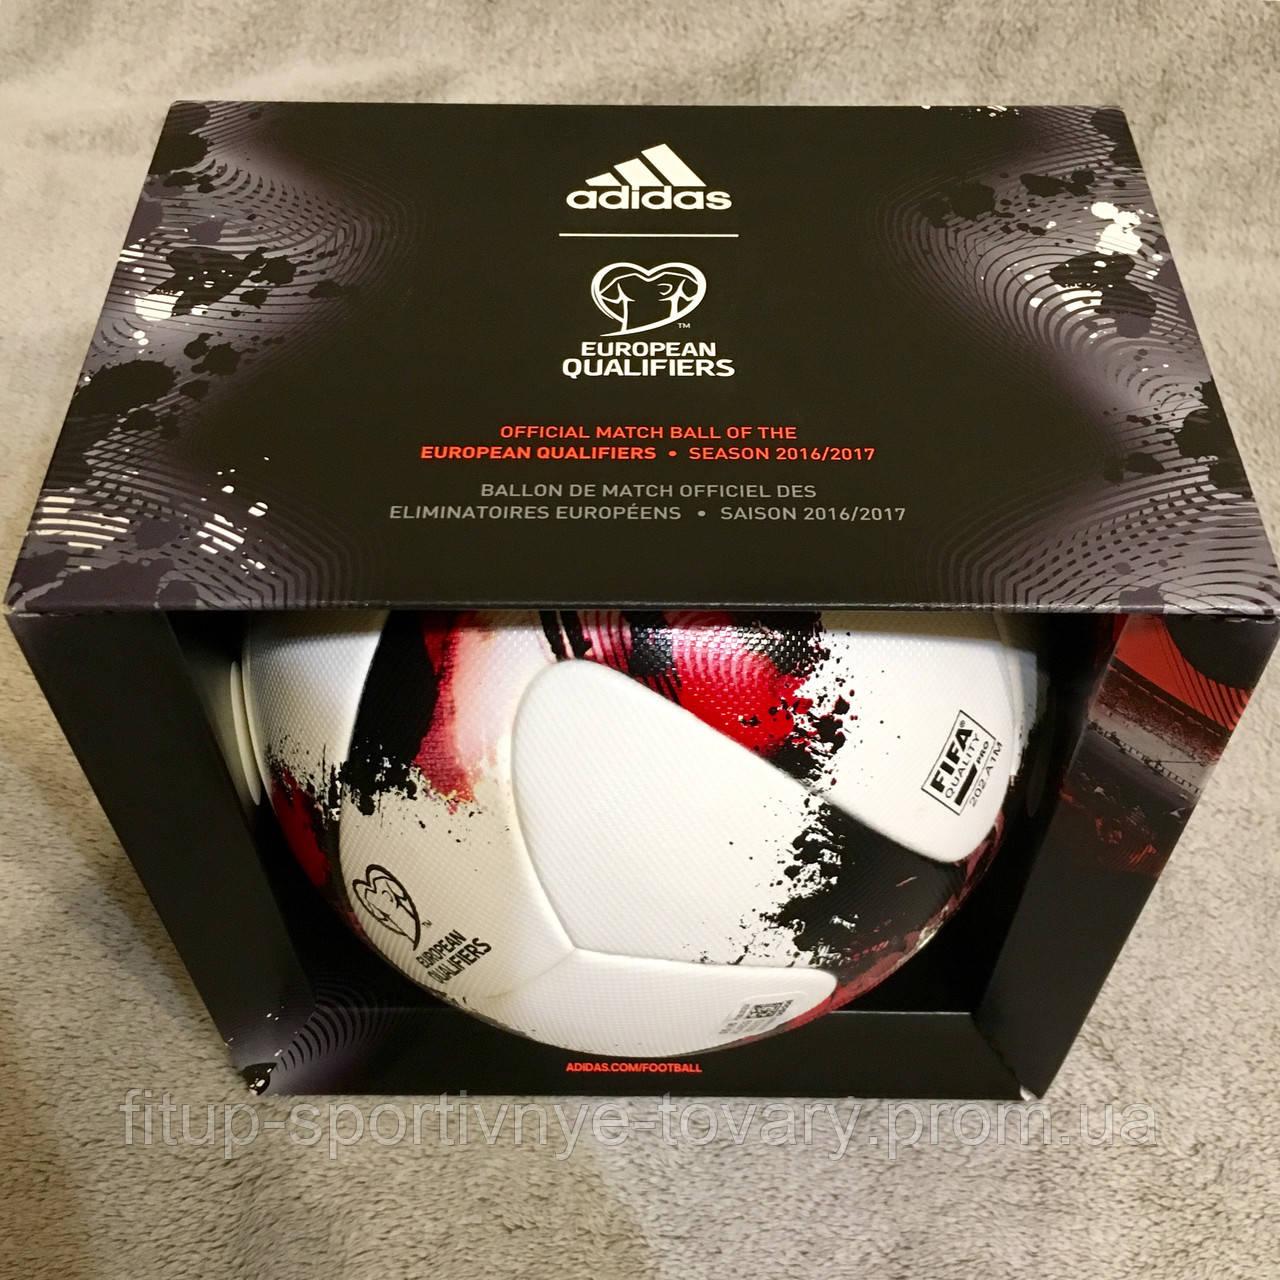 Футбольный мяч Adidas European Qualifiers OMB AO4839  продажа cd40bbe593d6f